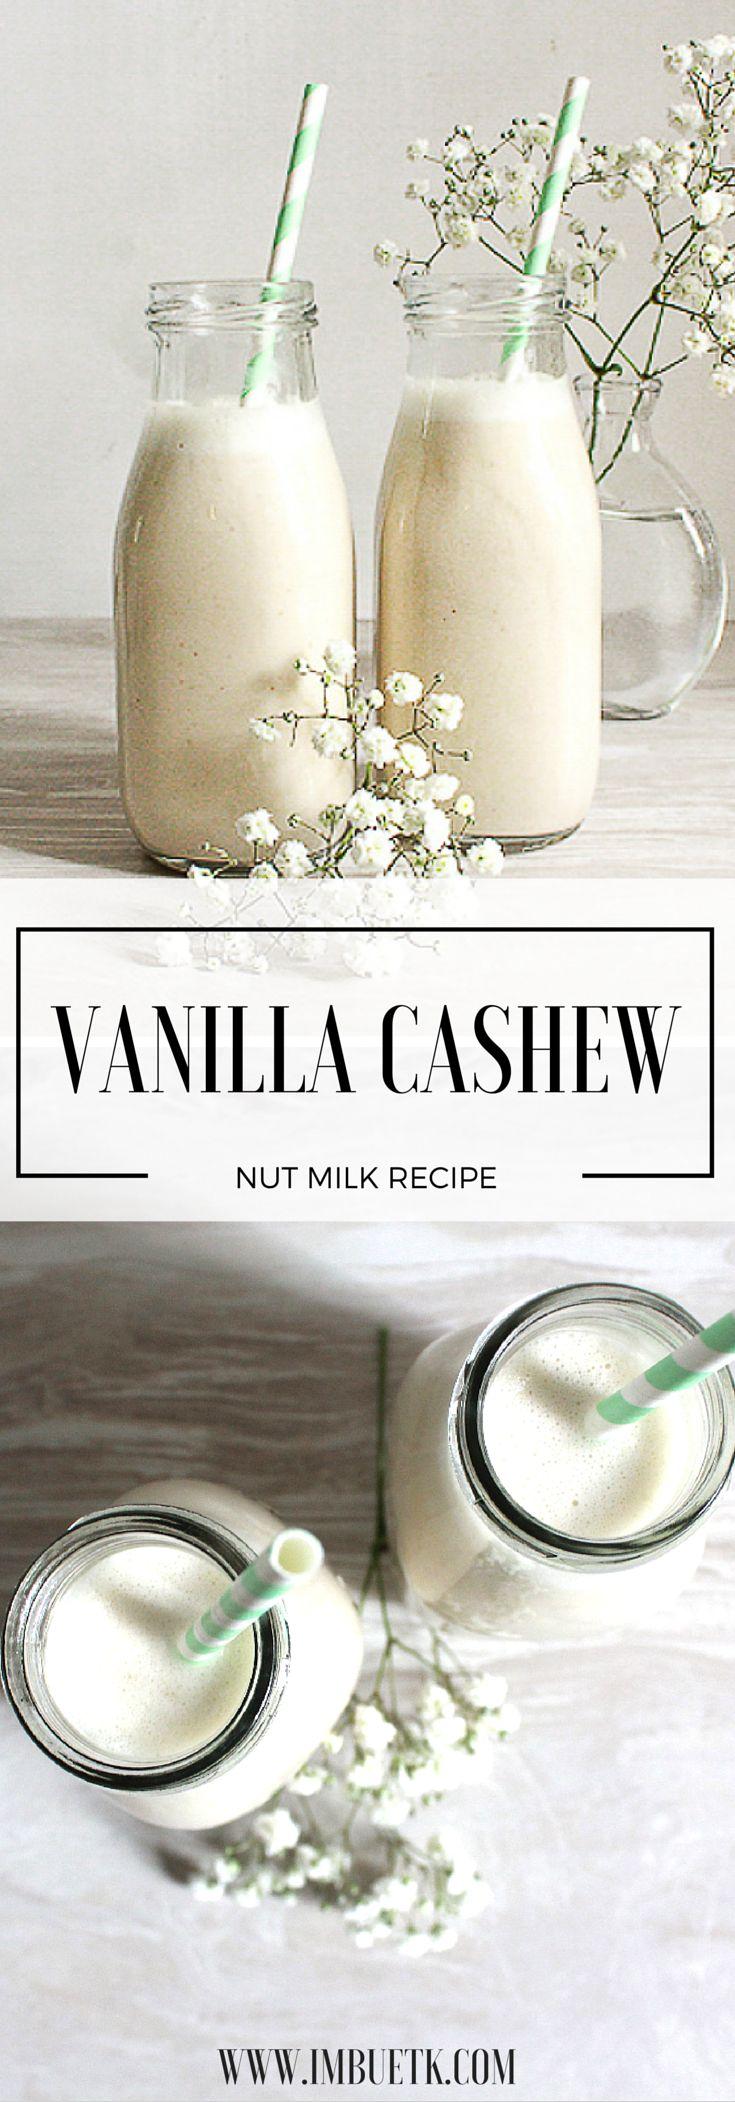 Vanilla Cashew Nut Milk - DELICIOUS!!! ..Dessert in a bottle.  #nutmilk. Gluten free, dairy free.